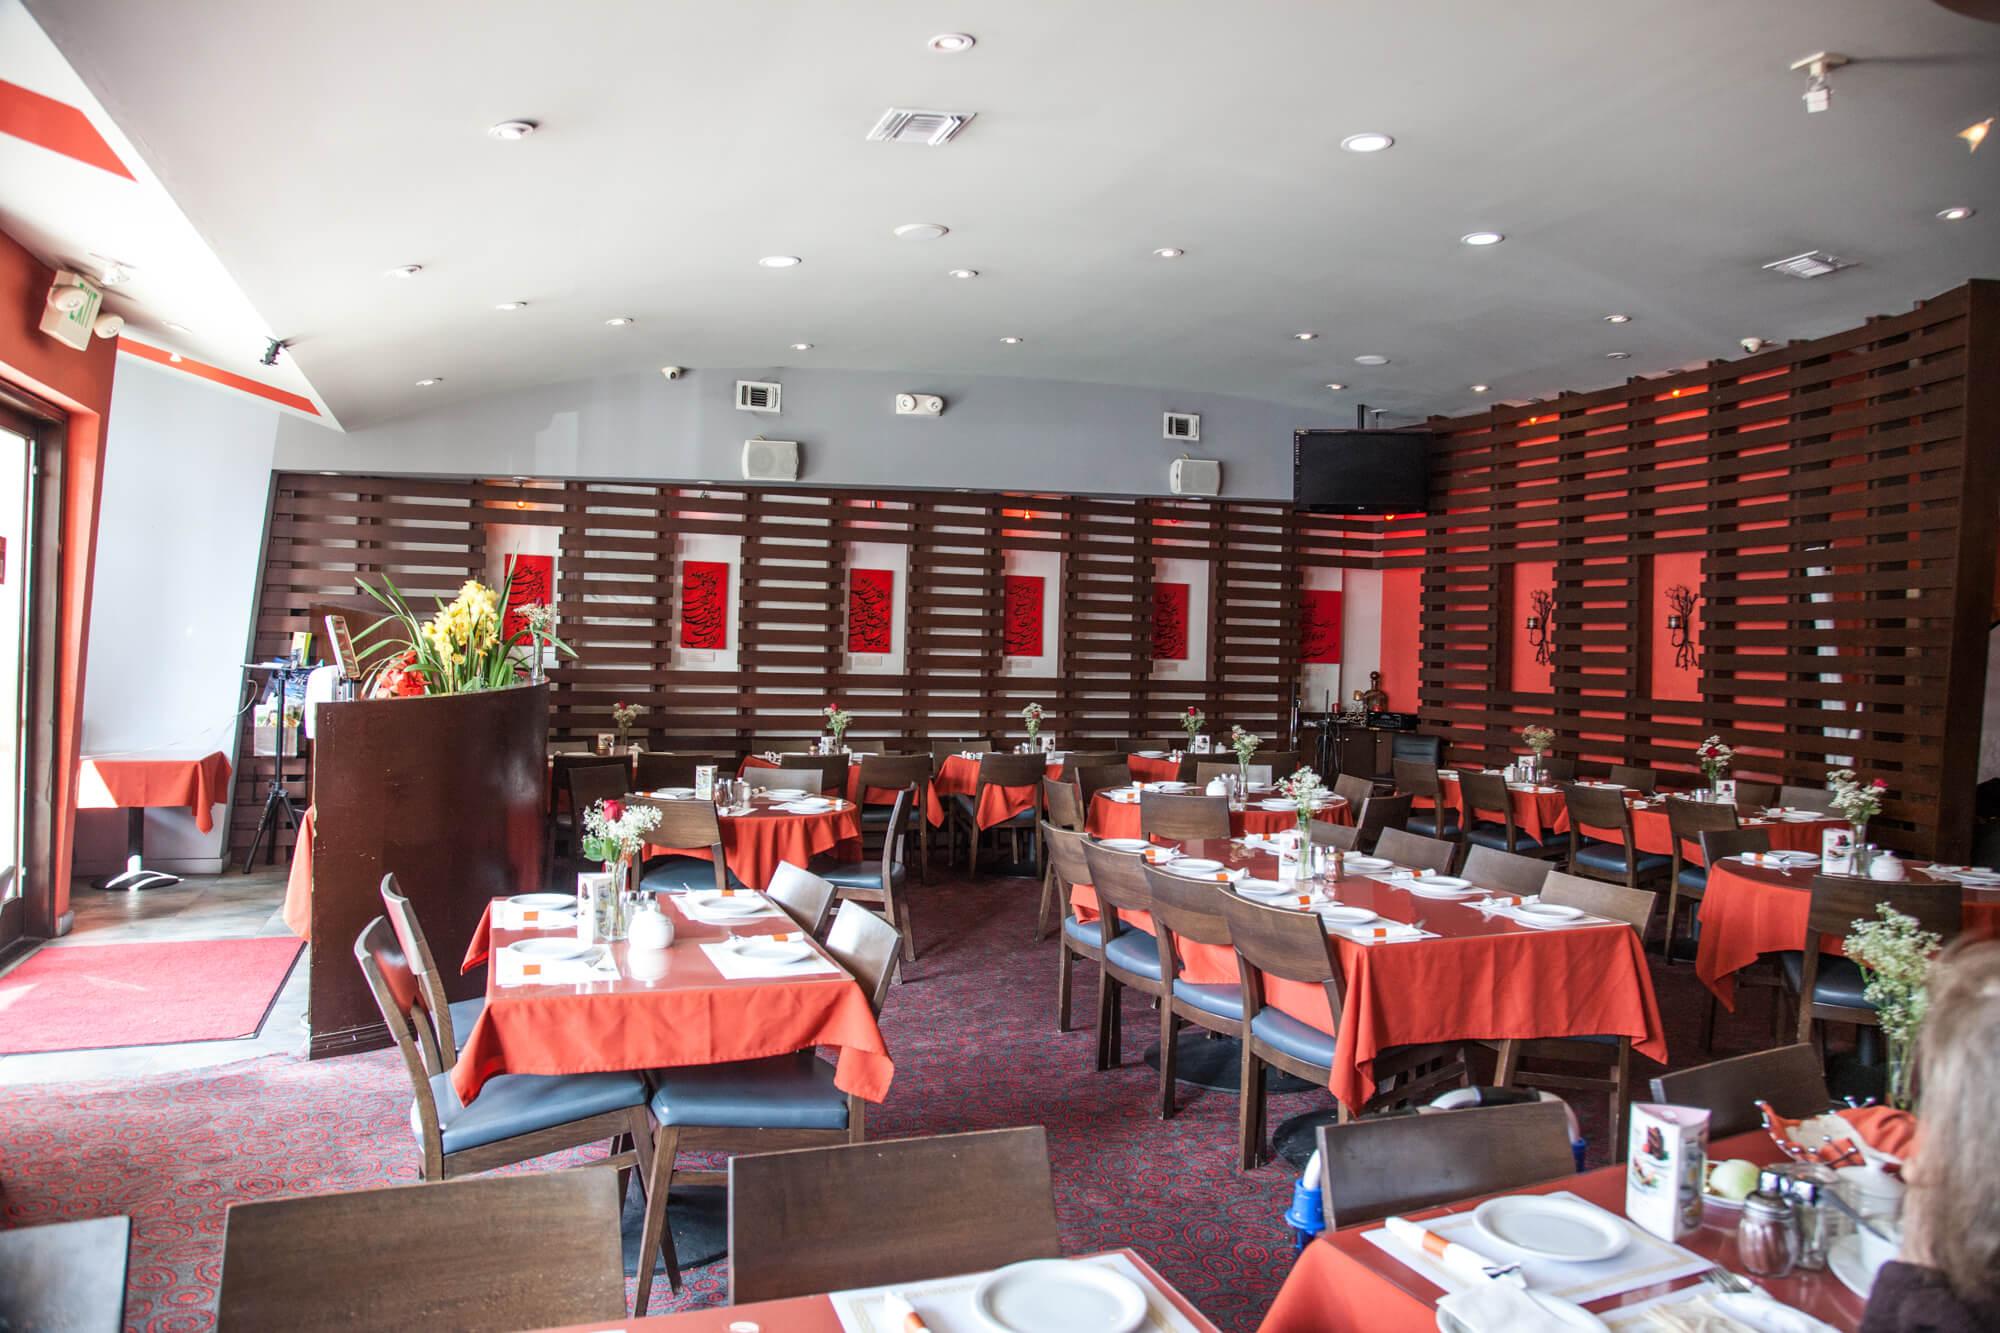 Farsi Cafe Los Angeles Ca